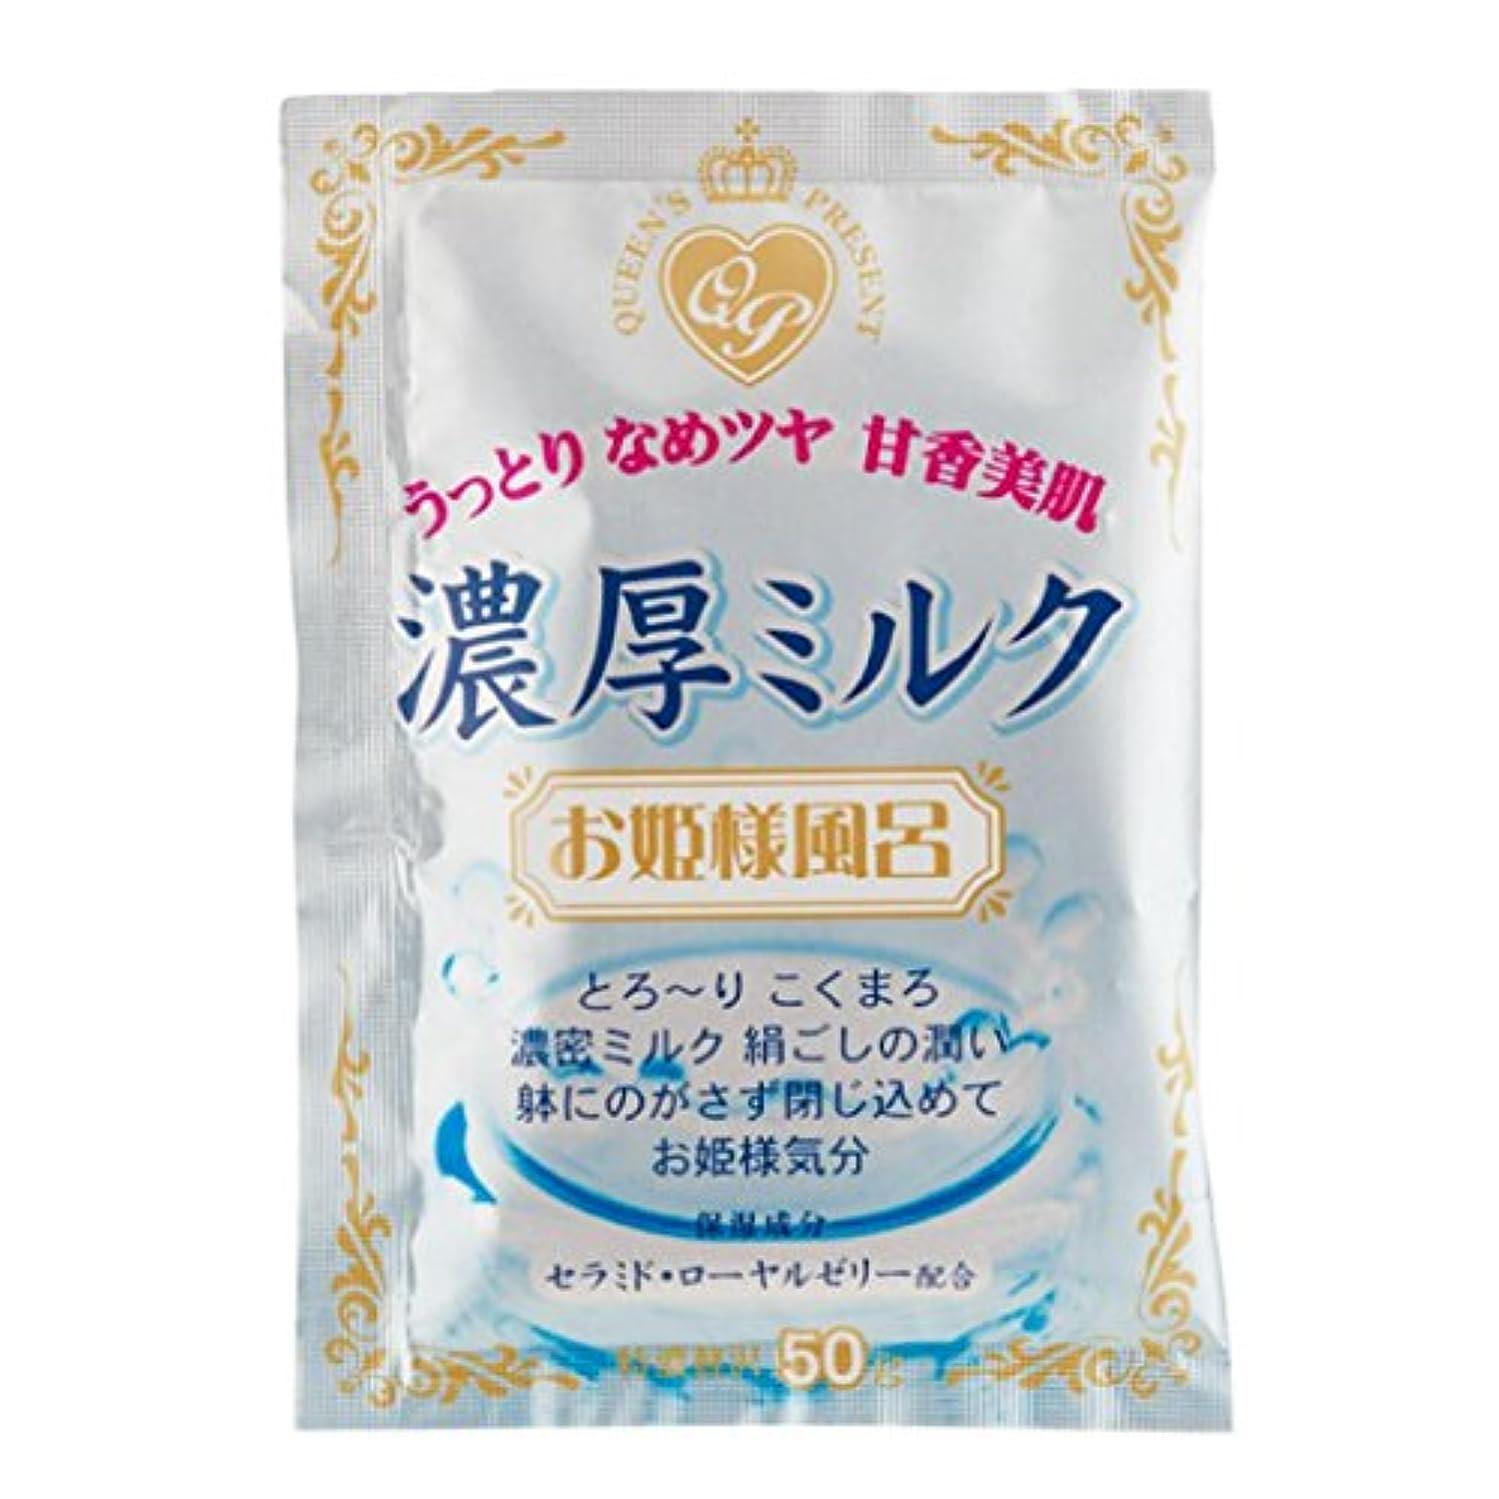 紀陽除虫菊 お姫様風呂  濃厚ミルク【まとめ買い12個セット】 N-8160